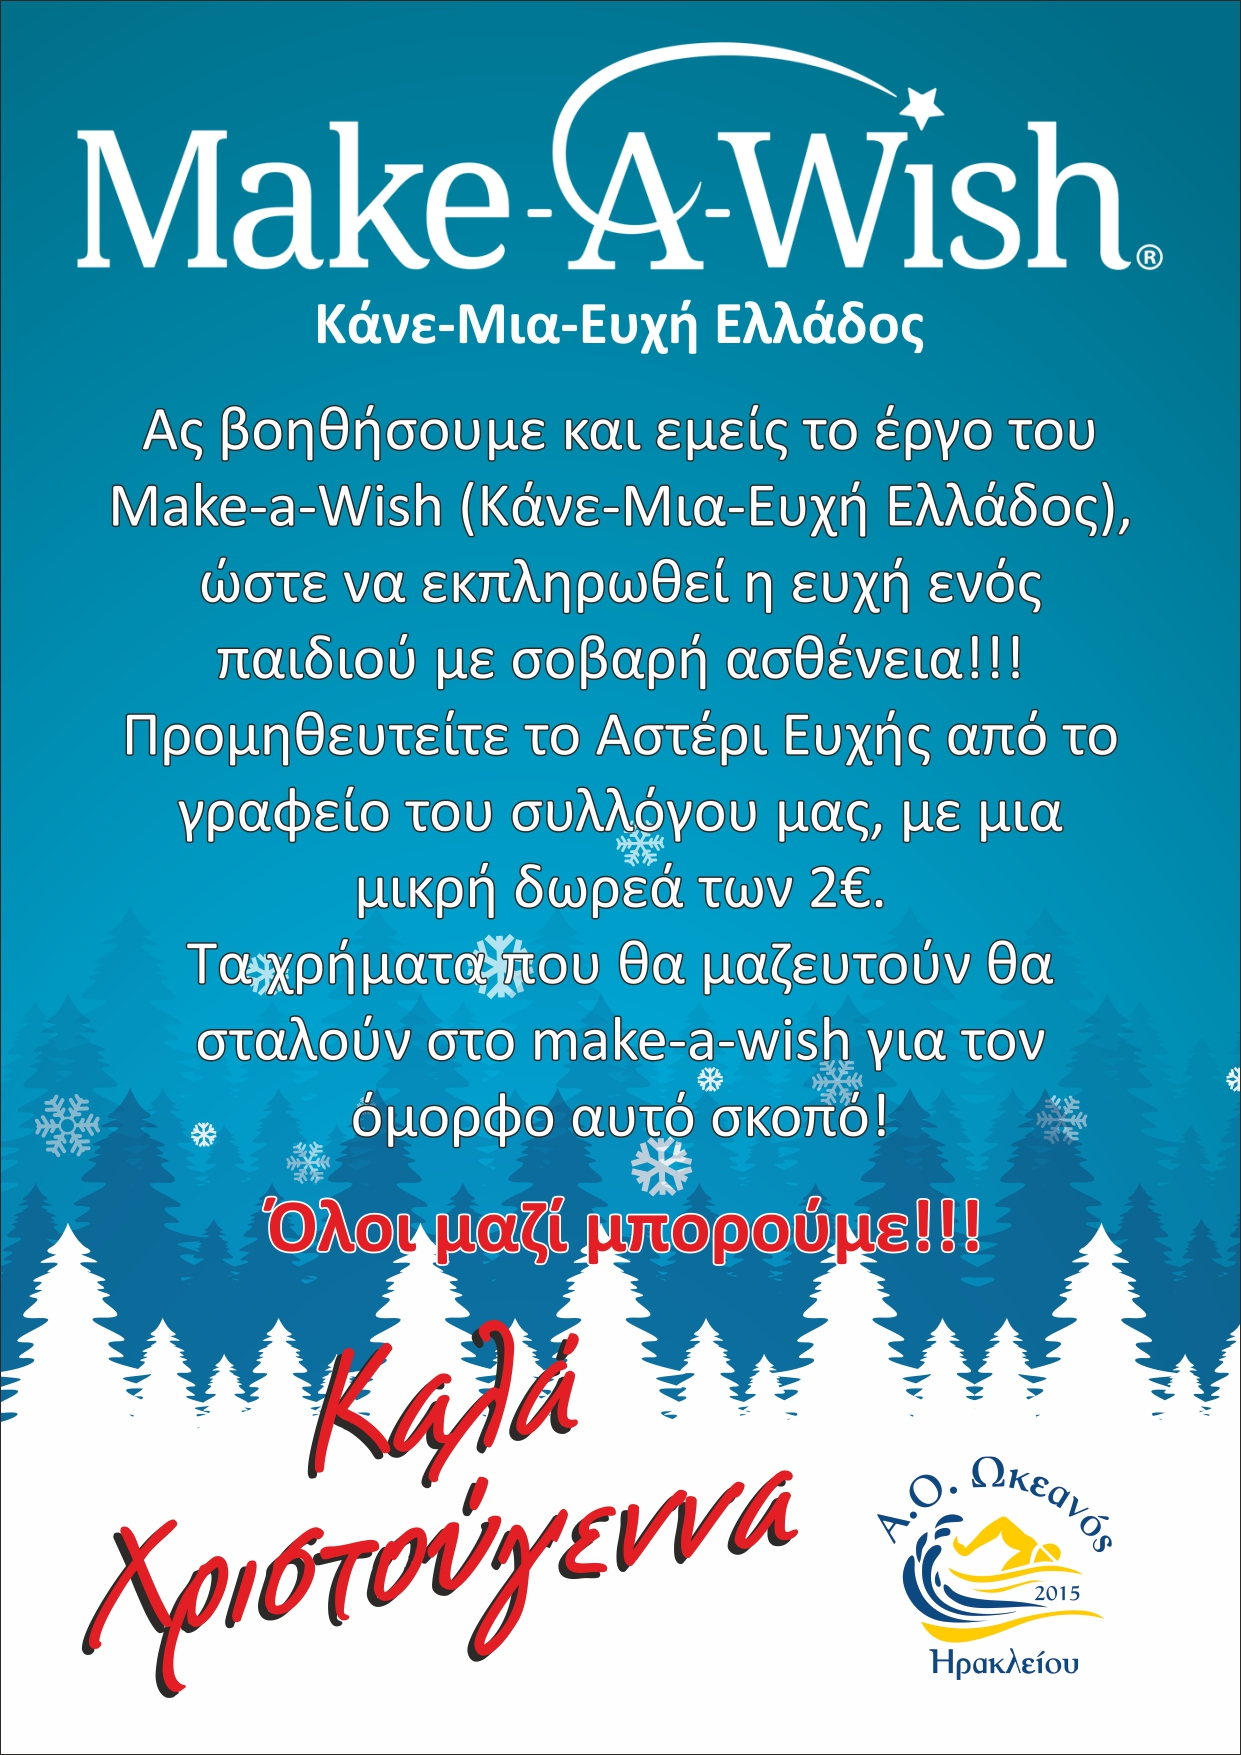 Στηρίζουμε το make-a-wish (κάνε-μία-ευχή Ελλάδος)!